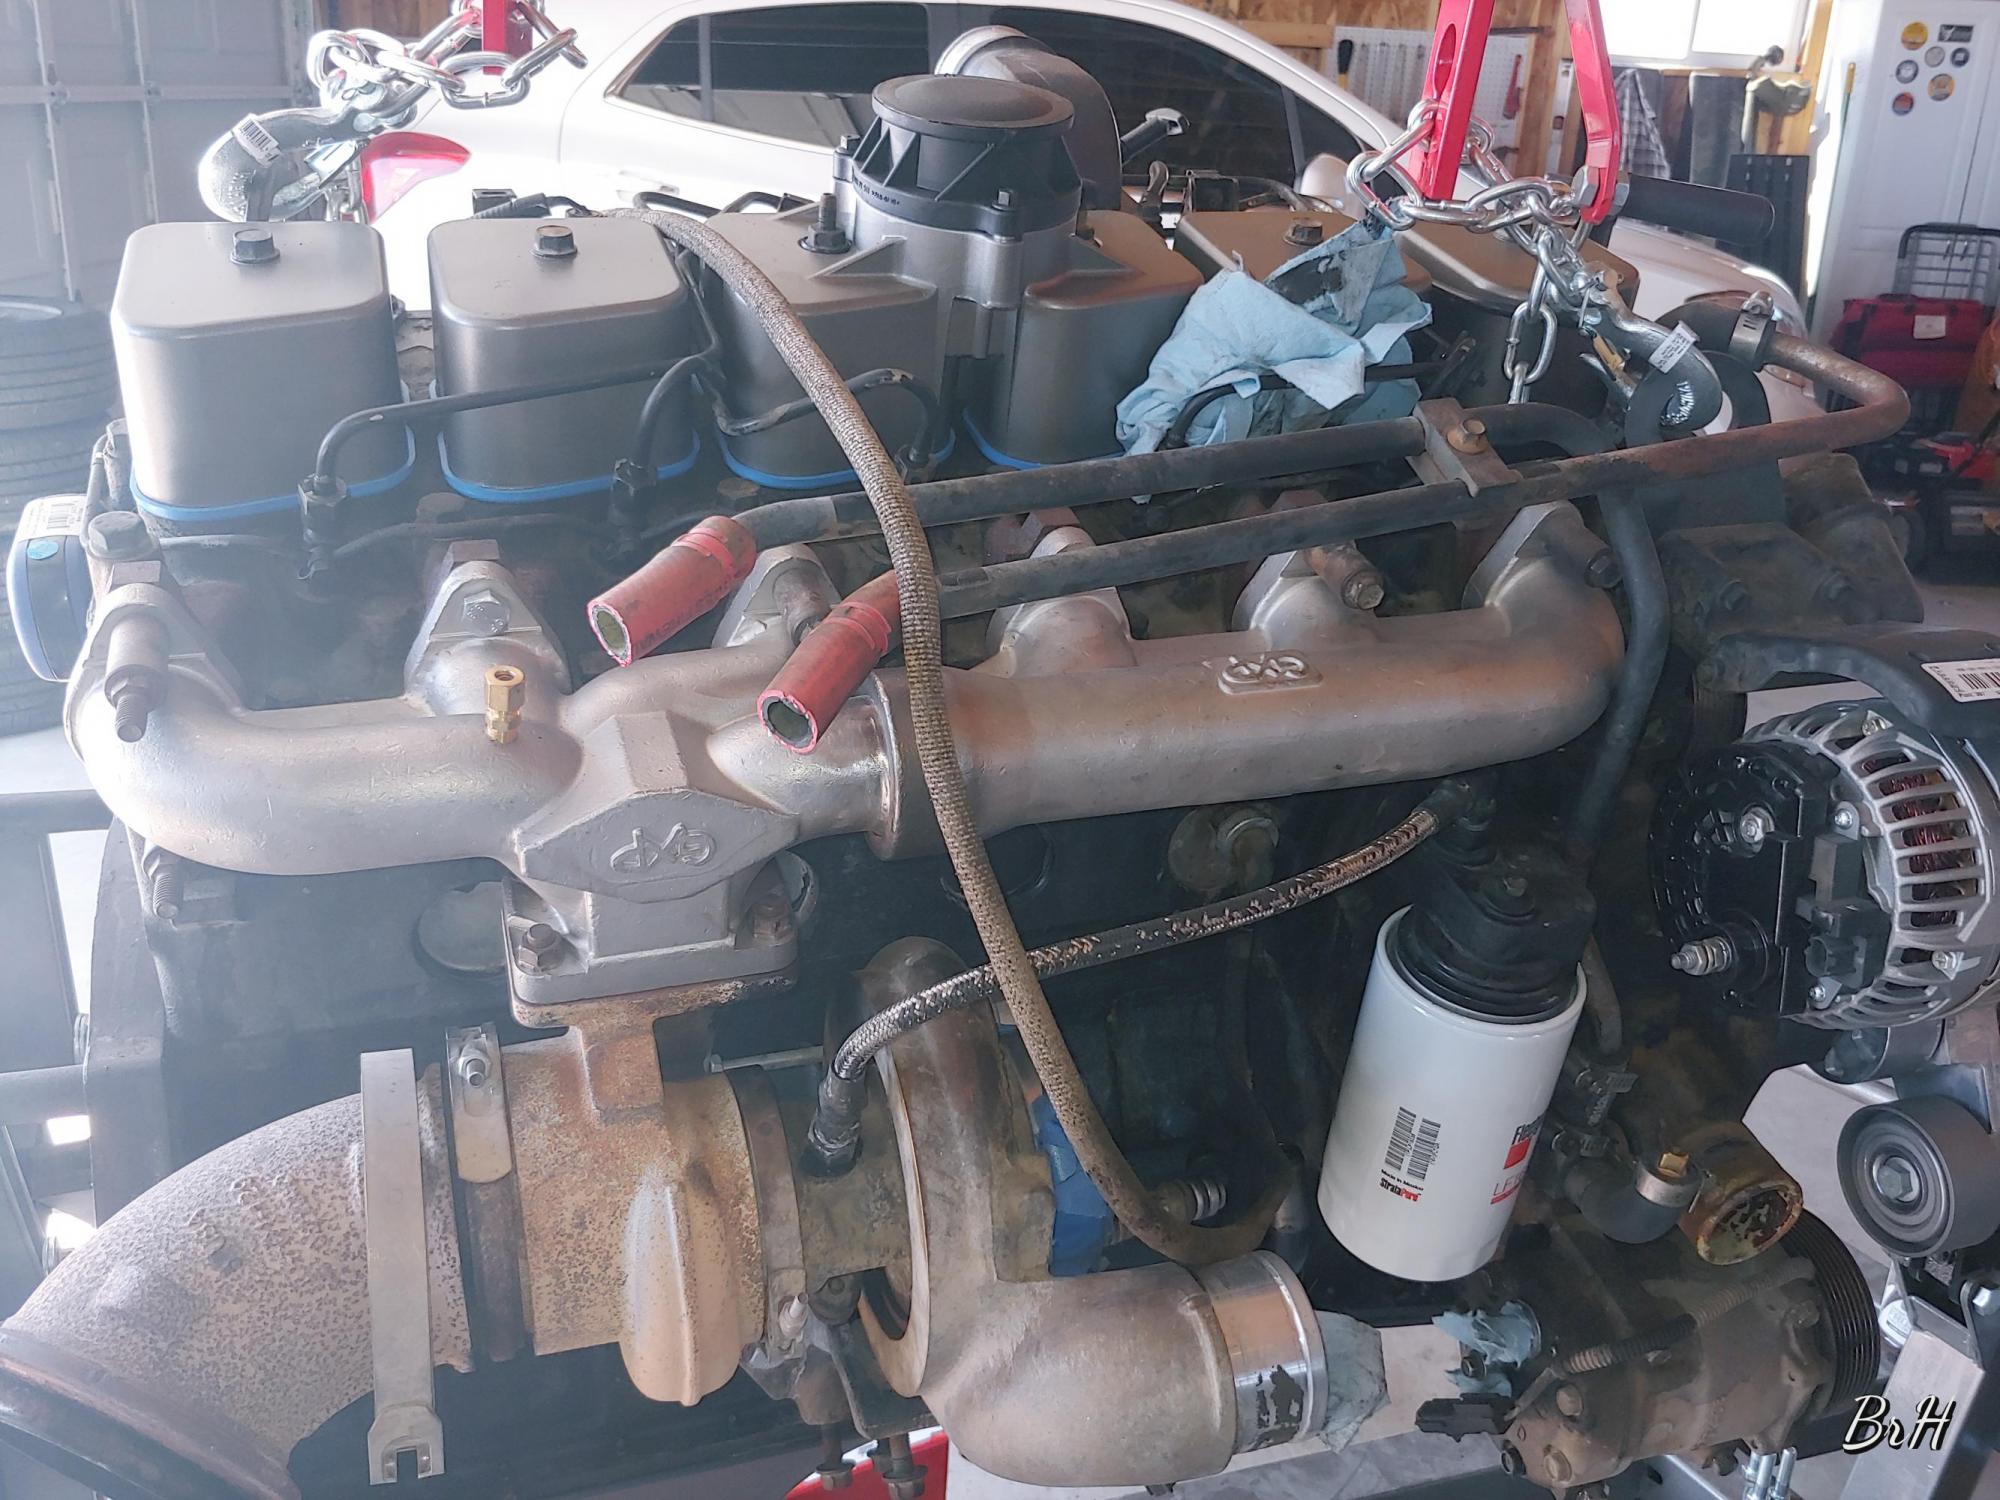 12 valve swap in progress-1002191216_hdr_1570506462463.jpg